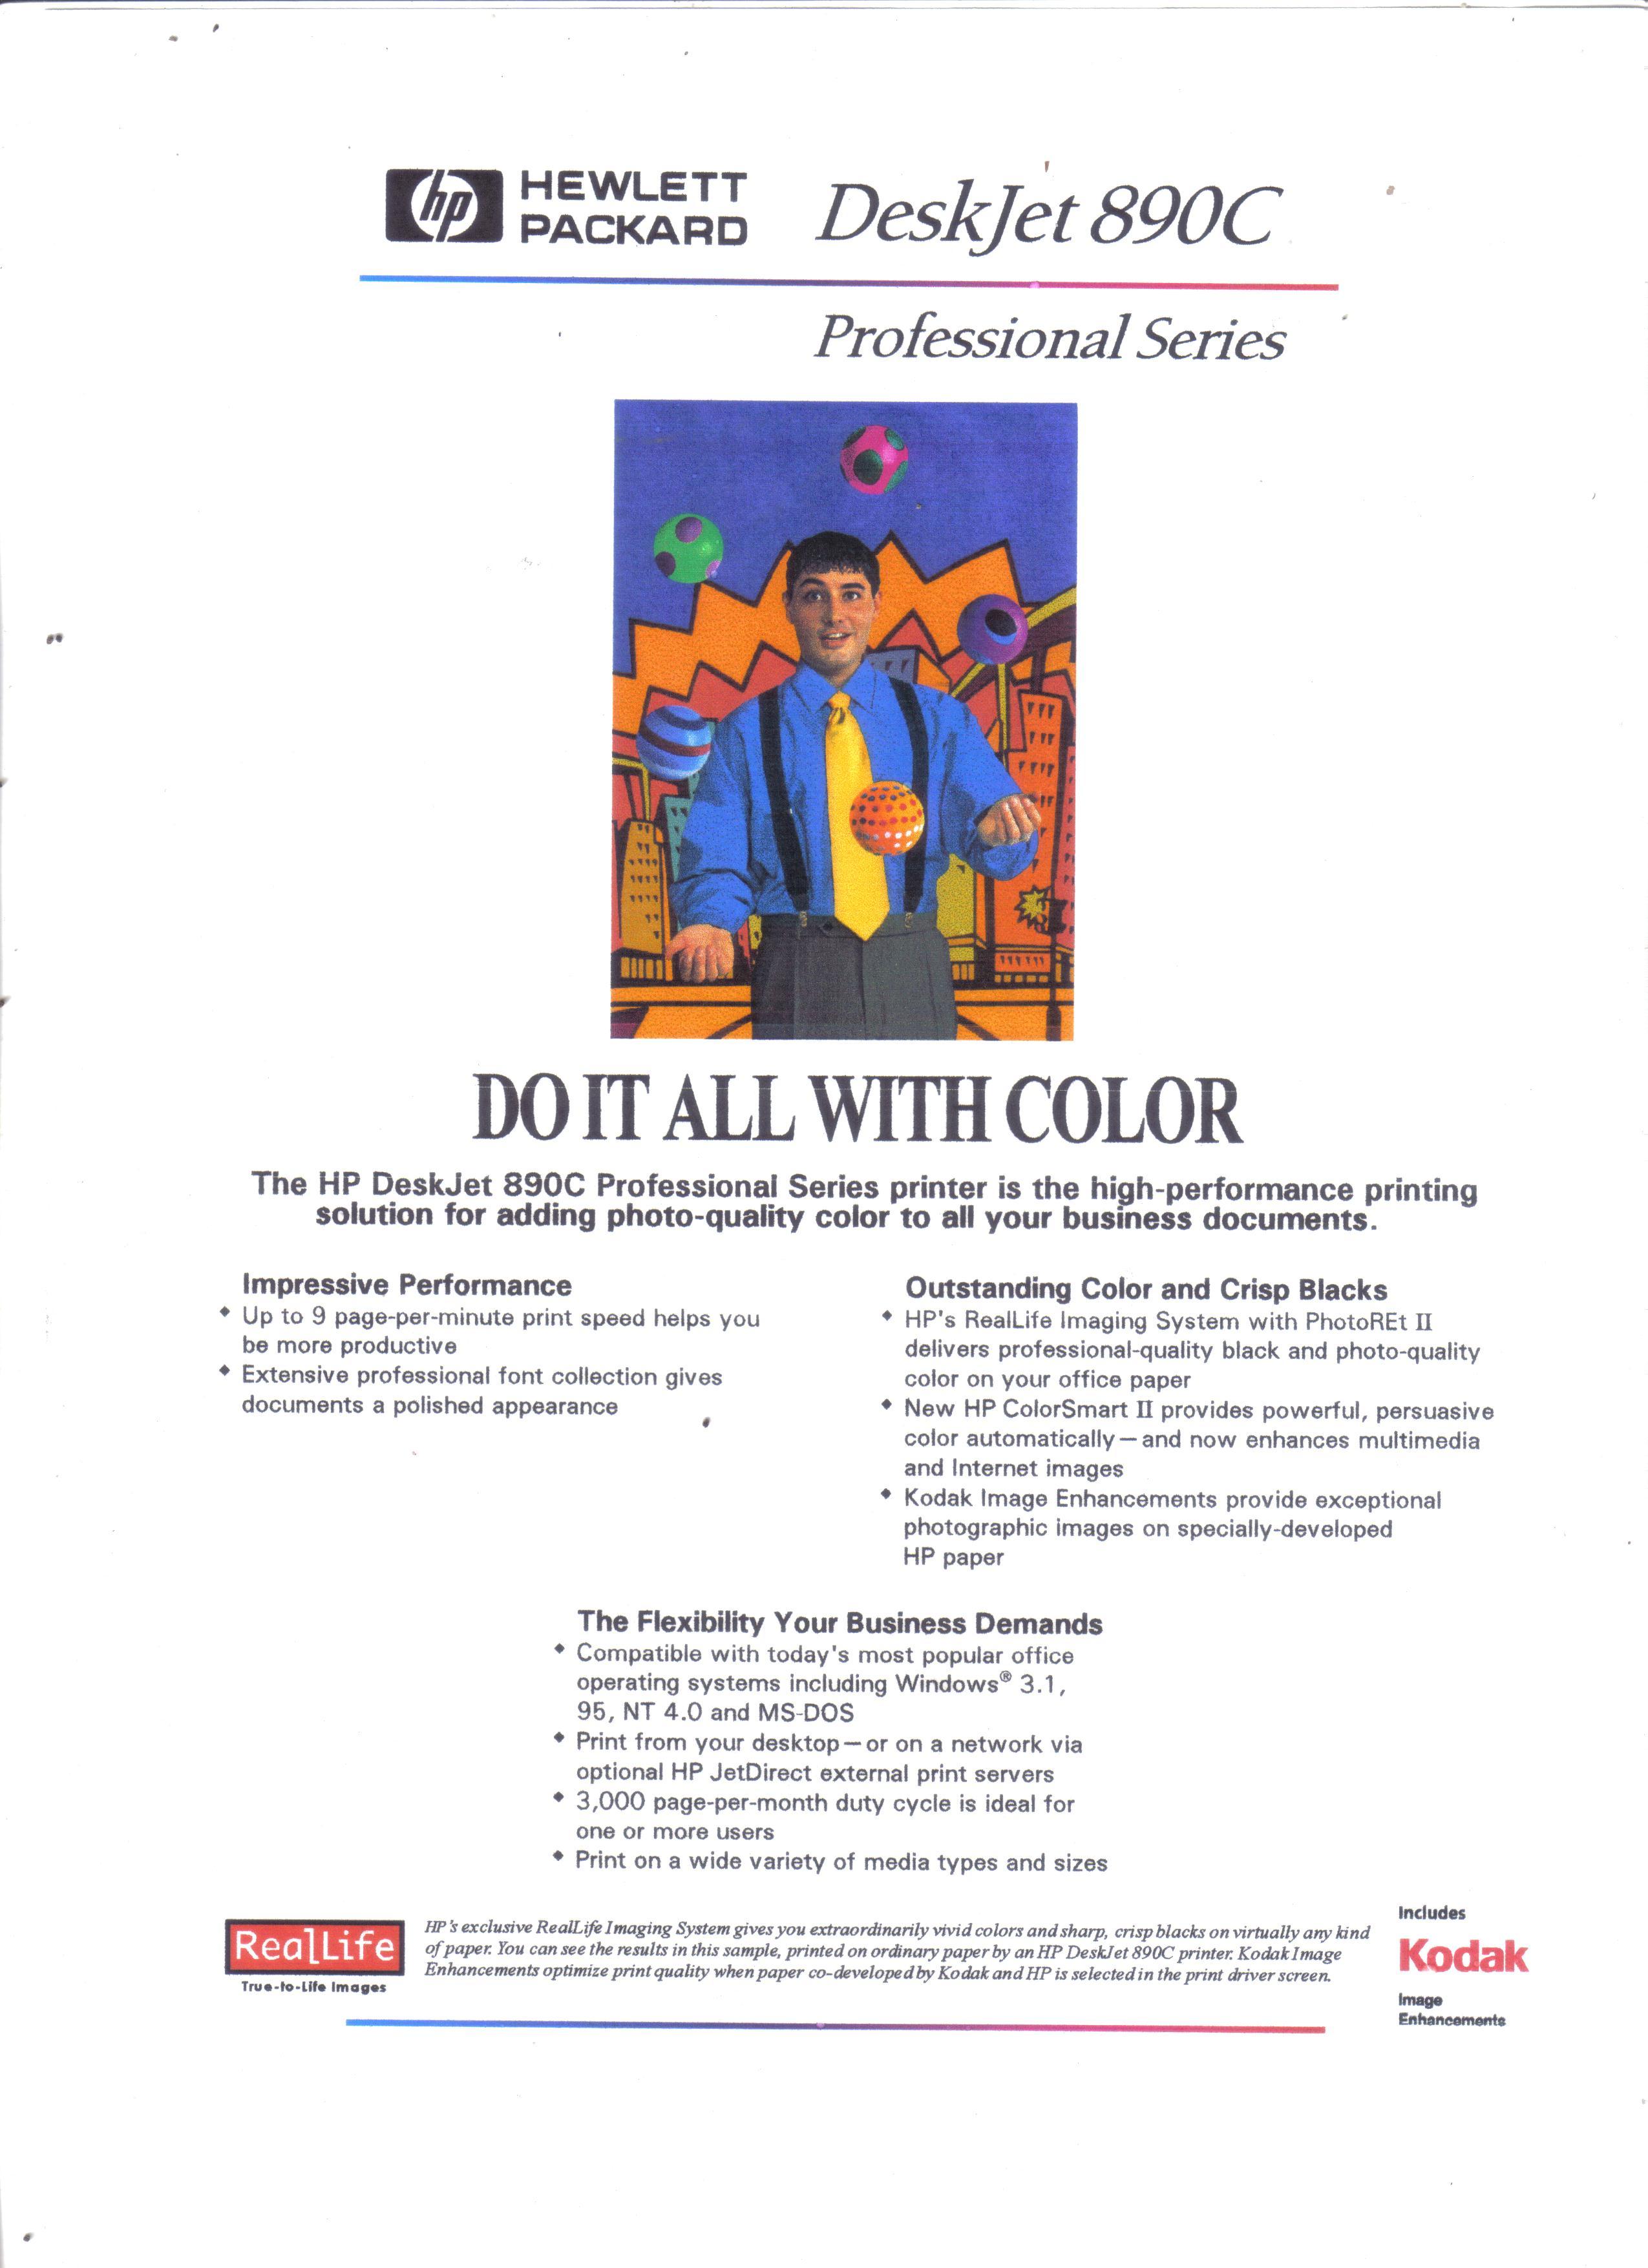 Hp deskjet 890c printer color ink-jet overview cnet.